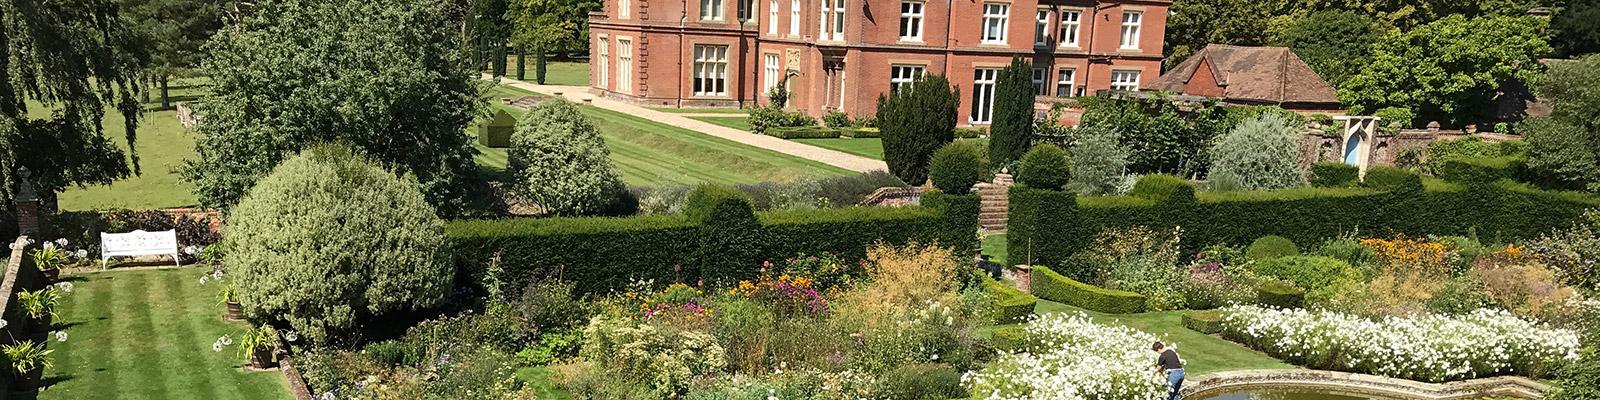 Doddington Place Gardens - Book Tickets